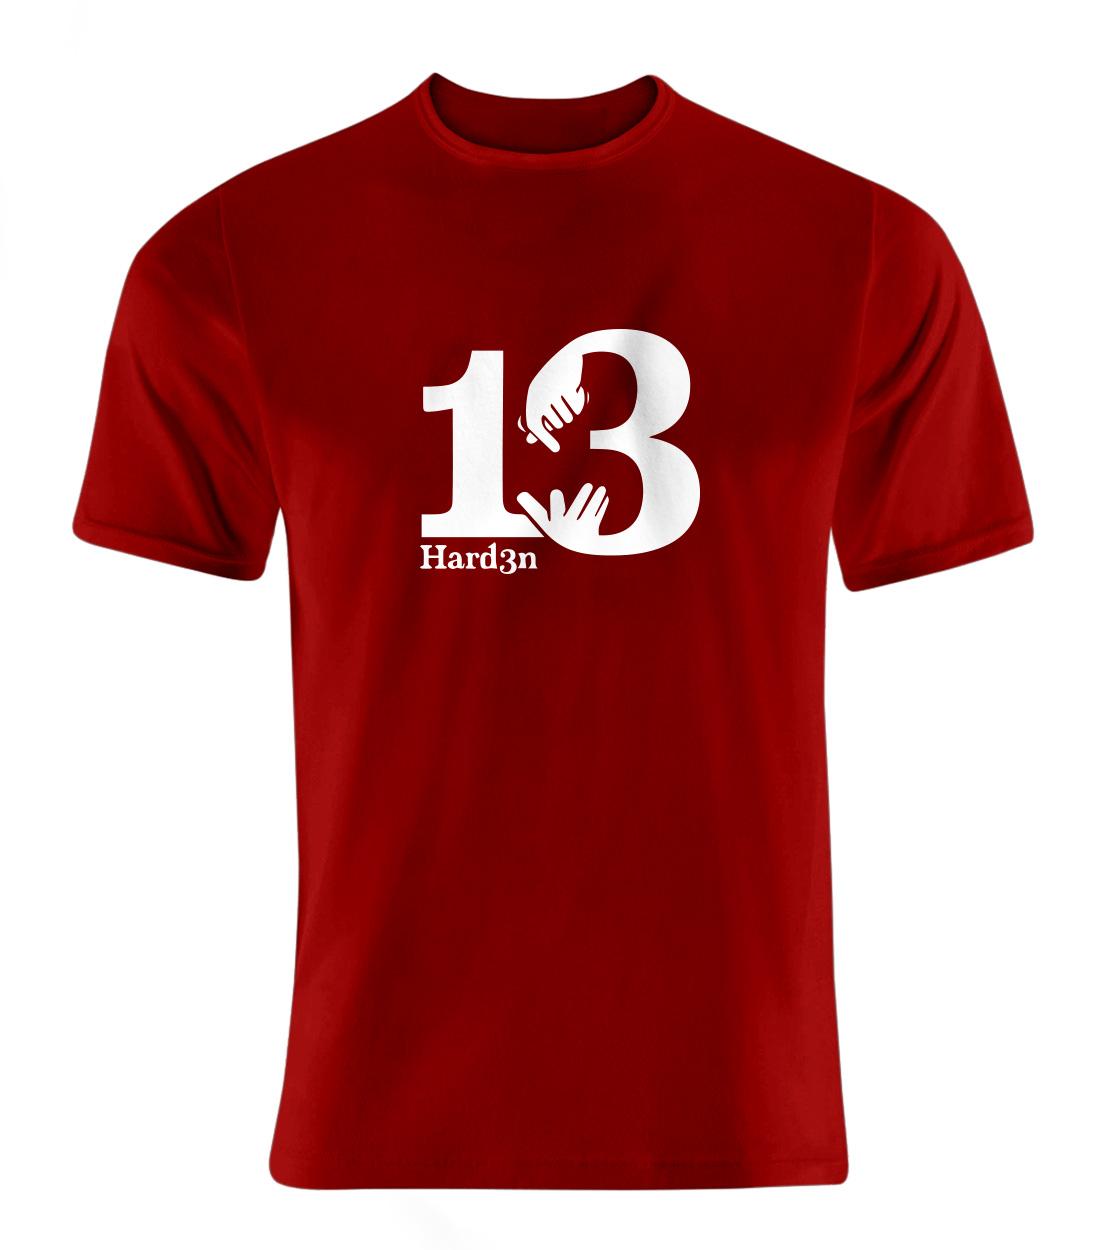 James Harden Tshirt (TSH-RED-NP-113-PLYR-HARDEN.13.BYZ)